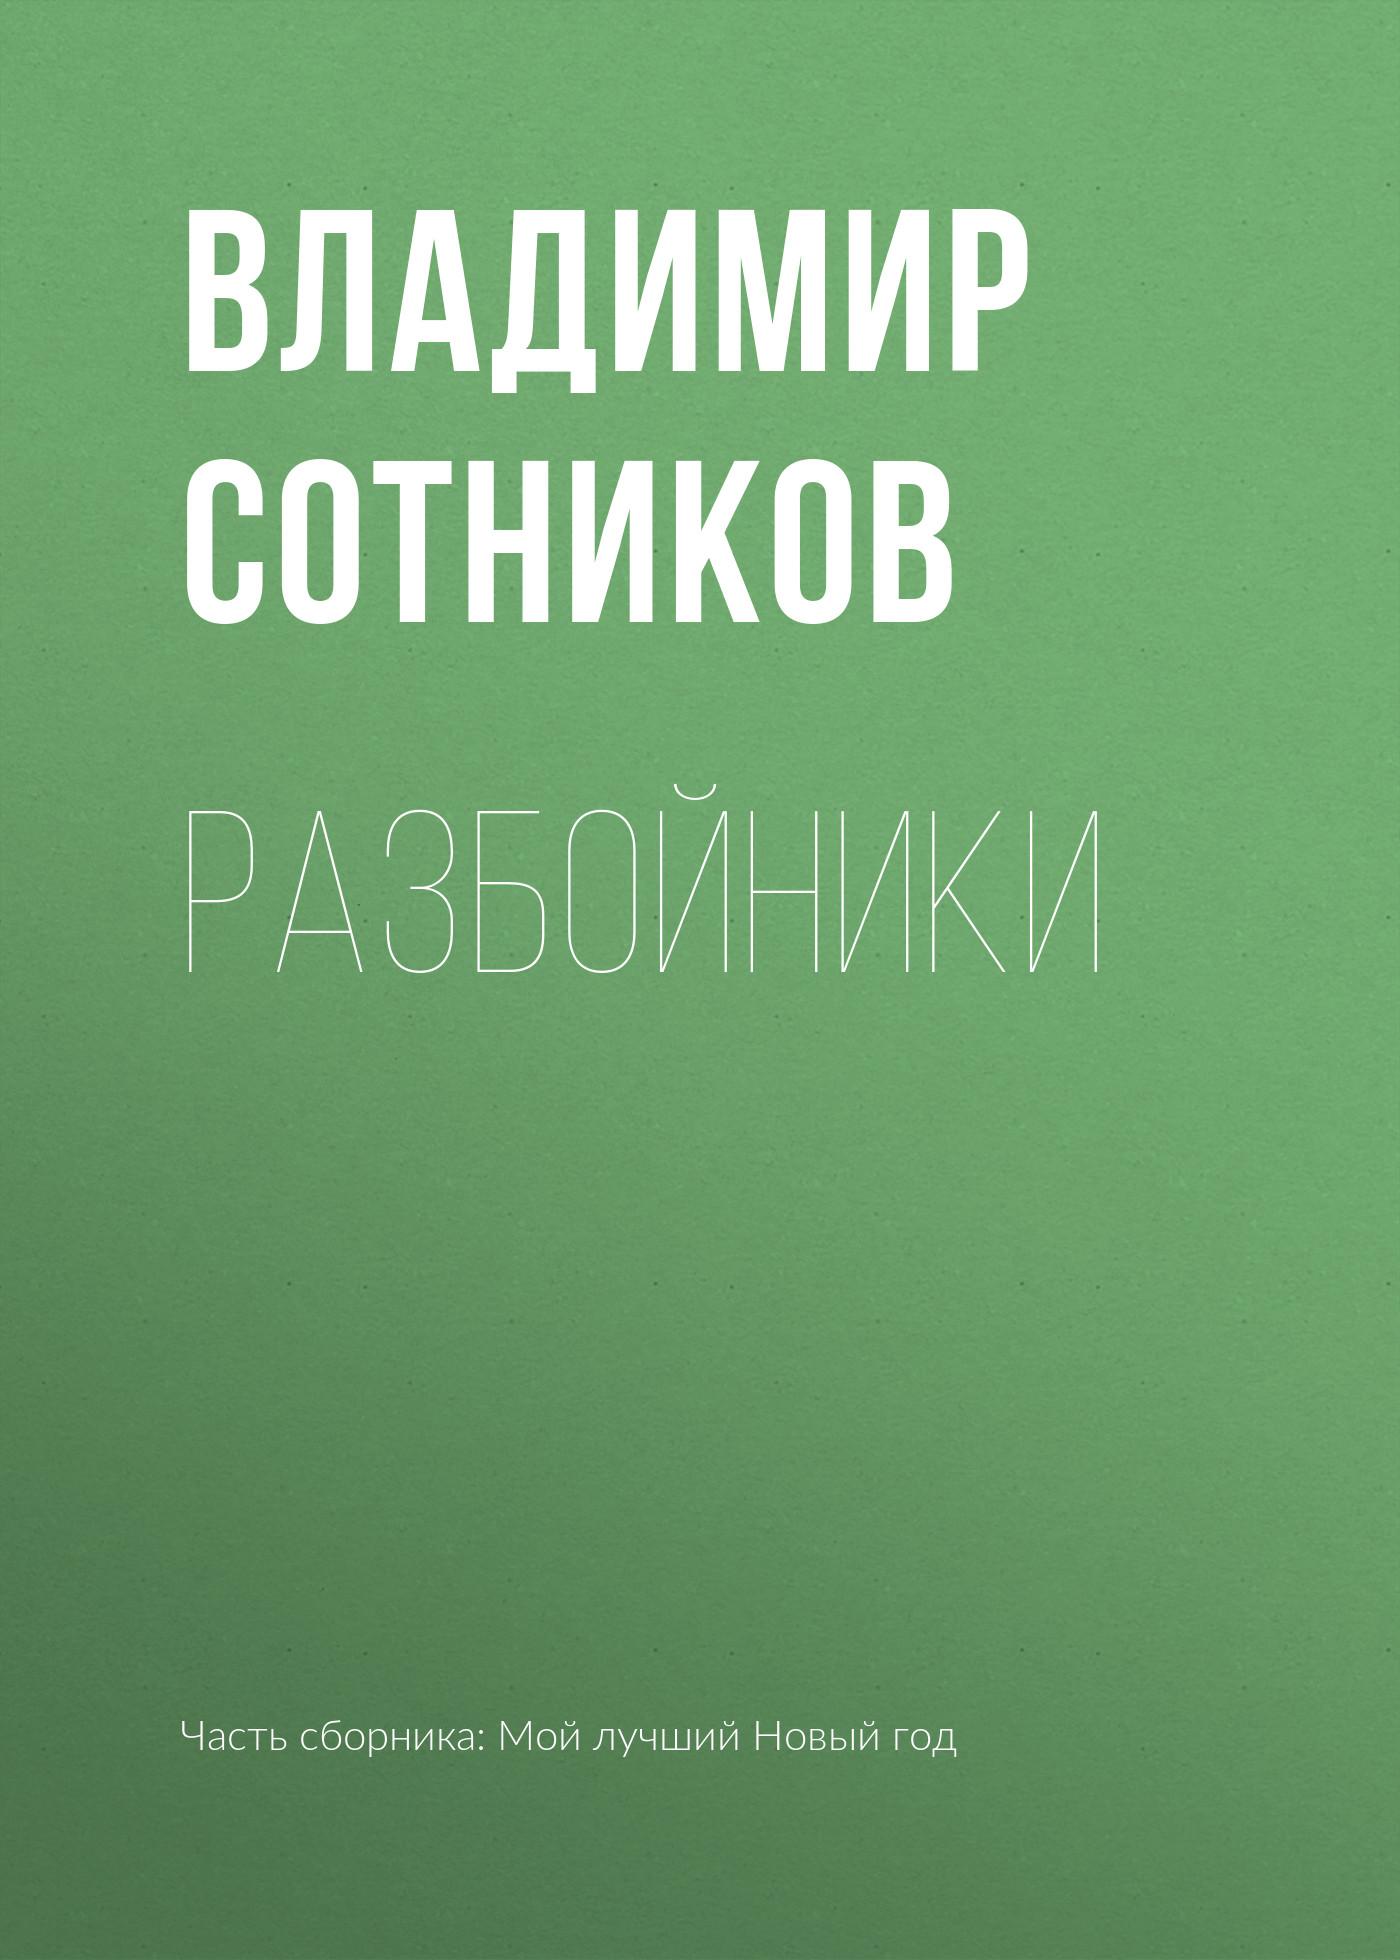 Фото - Владимир Сотников Разбойники левицкий а я сталкер рождение зоны